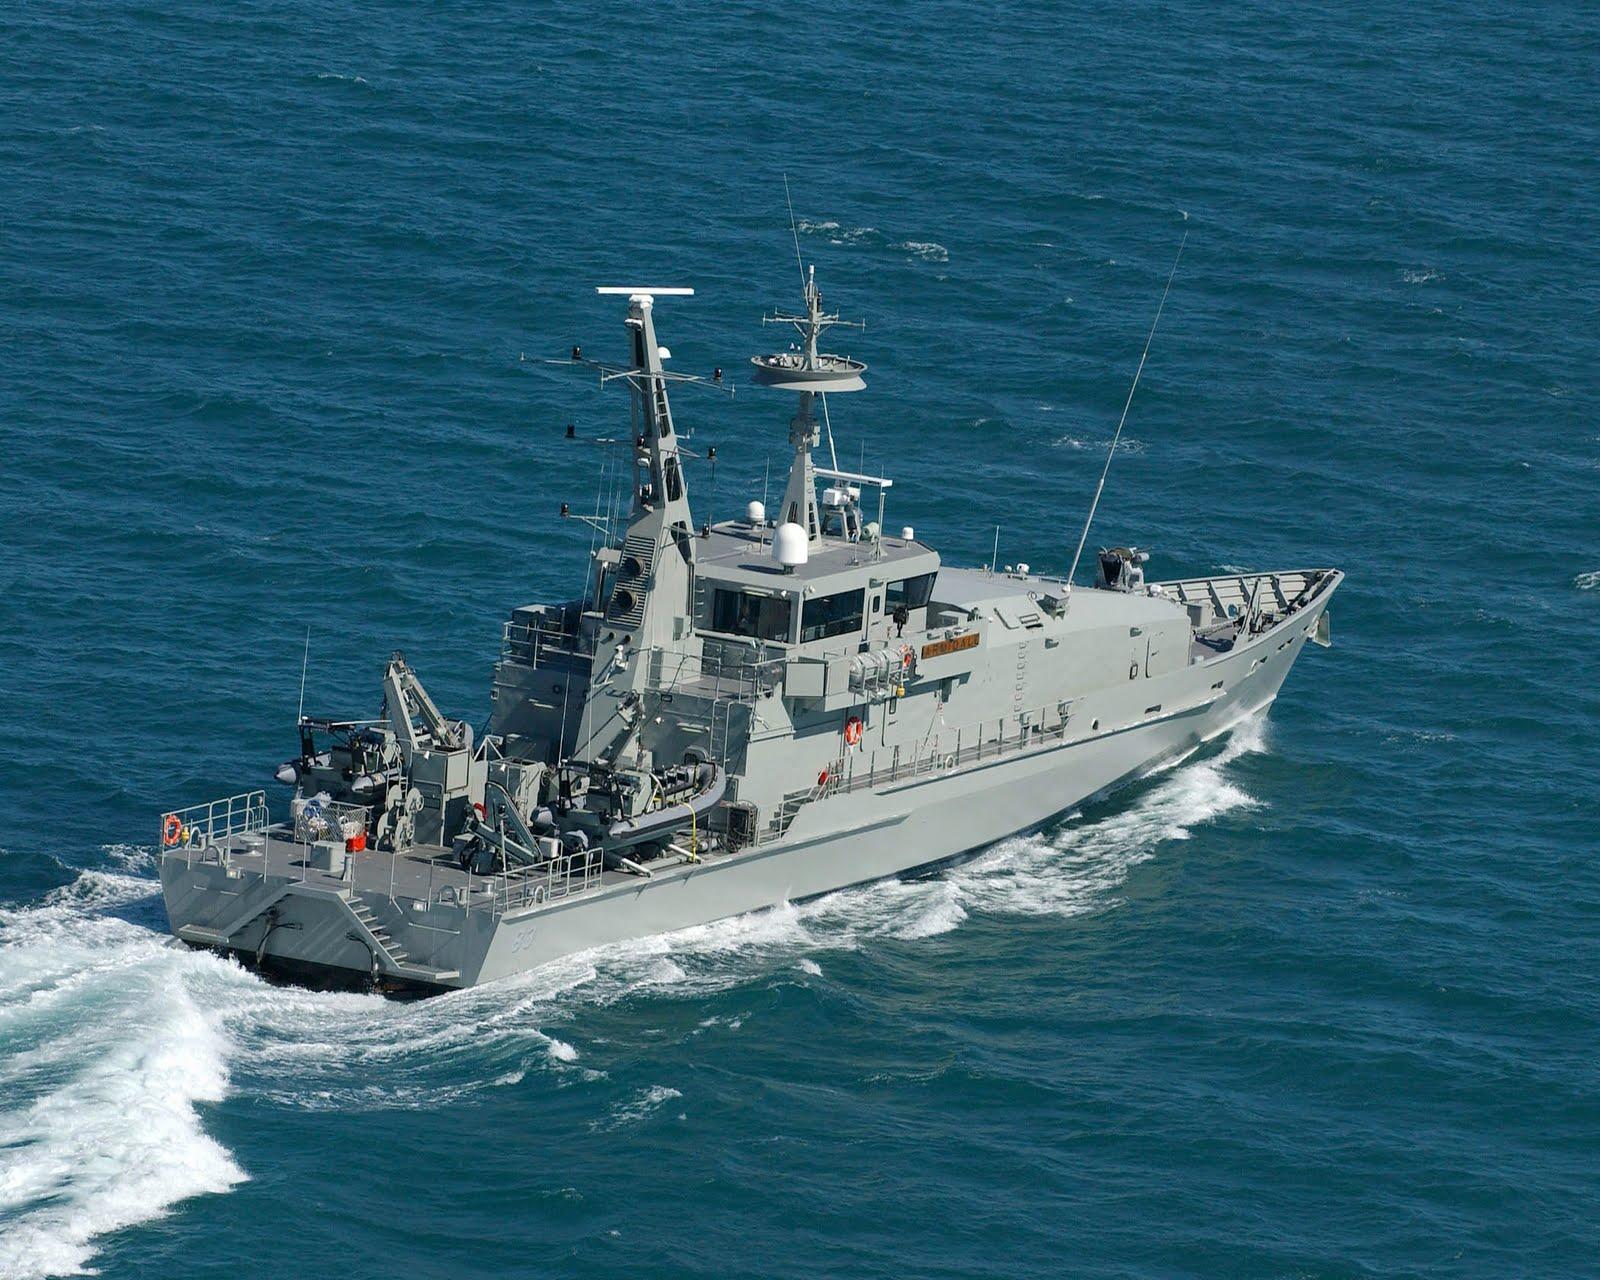 2 nouveaux patrouilleurs pour la marine belge !? - Page 11 NIUW8065726_050131_026_004